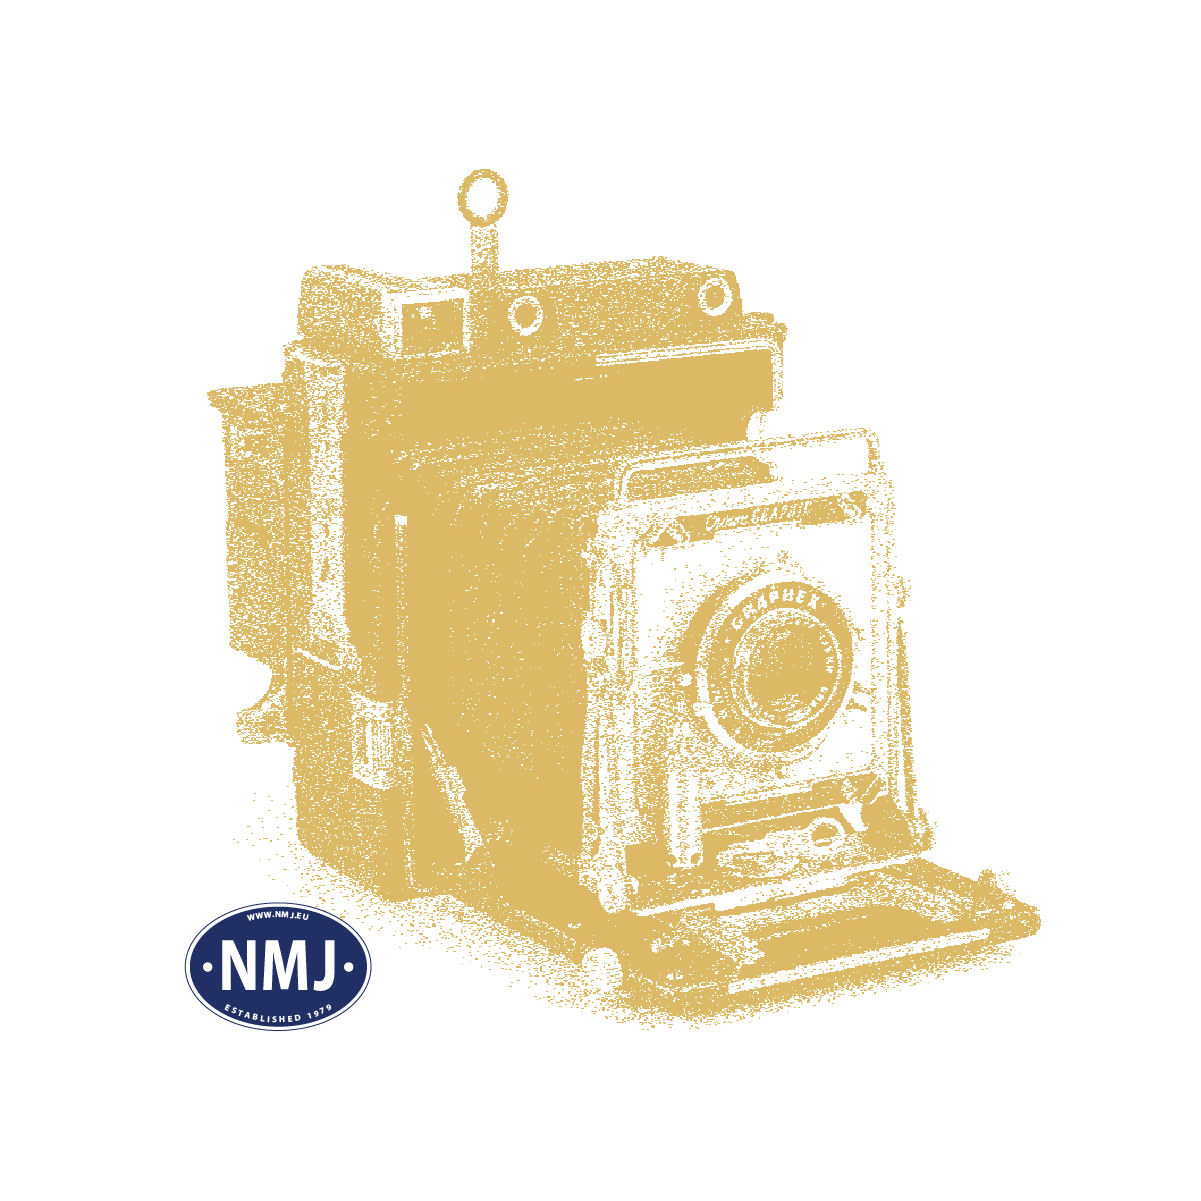 ART387.33 - Relebokser og jernbanetelefon, Ferdig modeller